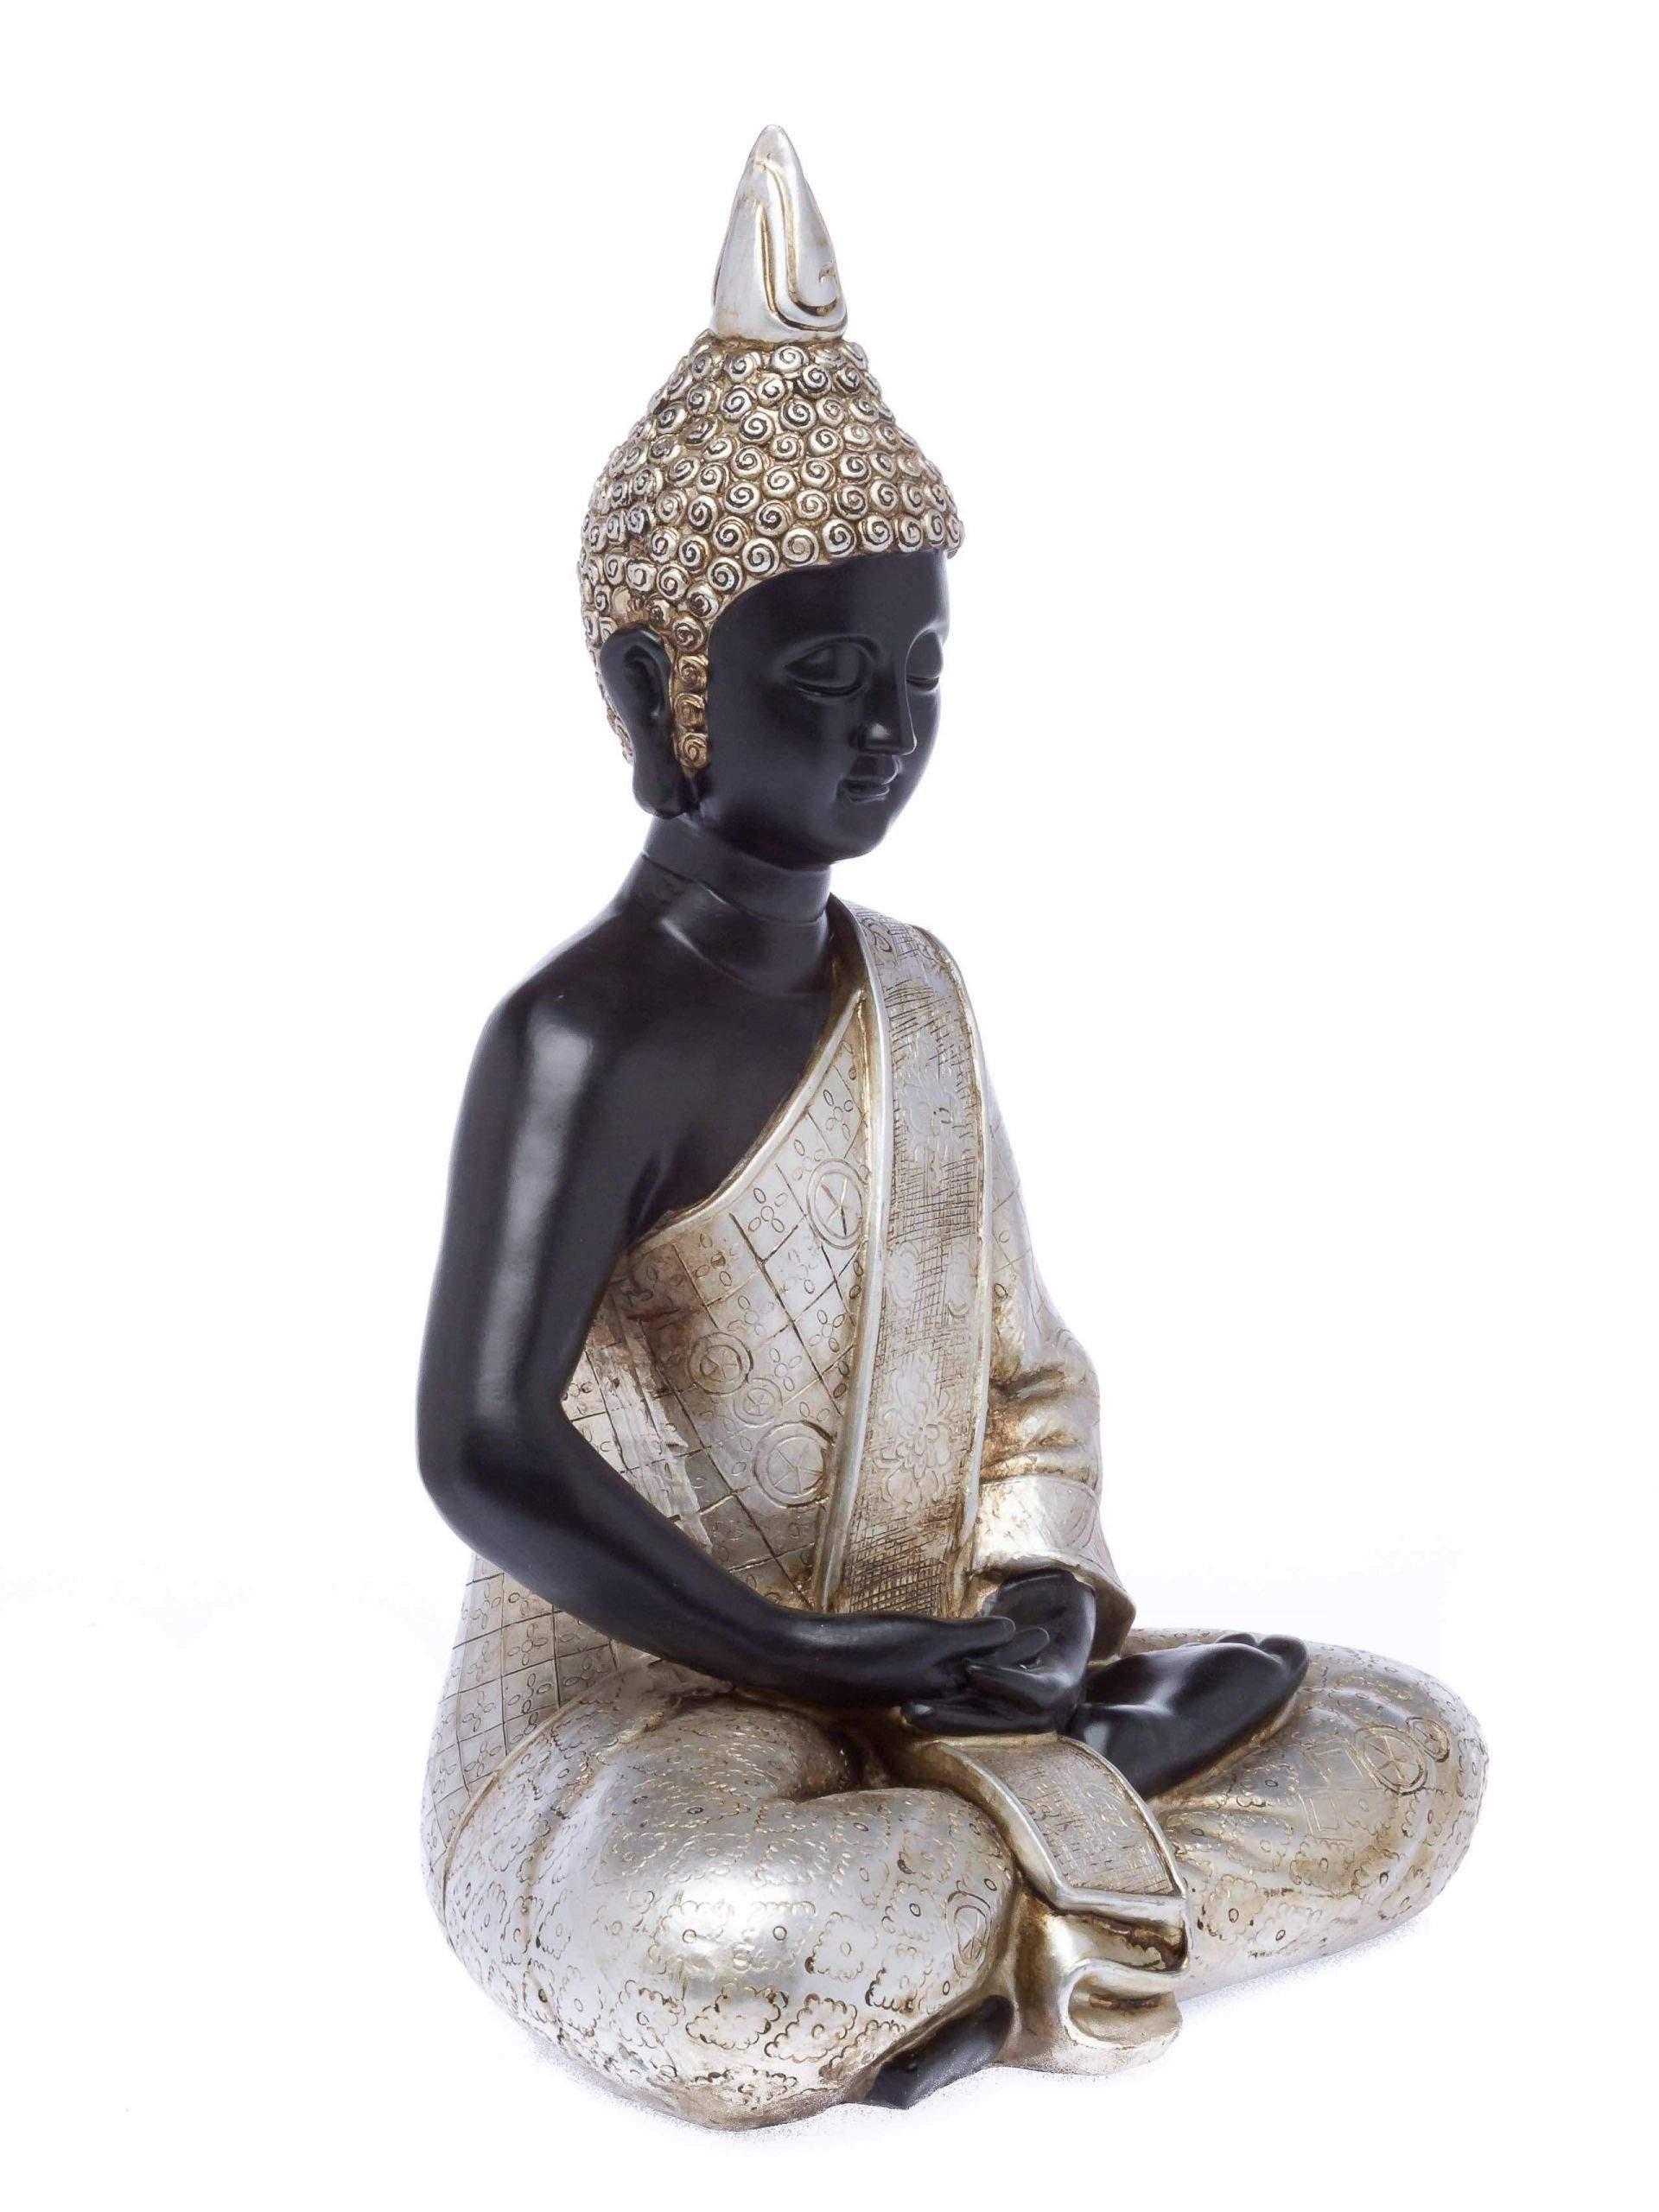 buddha deko wohnzimmer inspirierend buddha luxury grose buddha statue aus marmor diyar of buddha deko wohnzimmer scaled